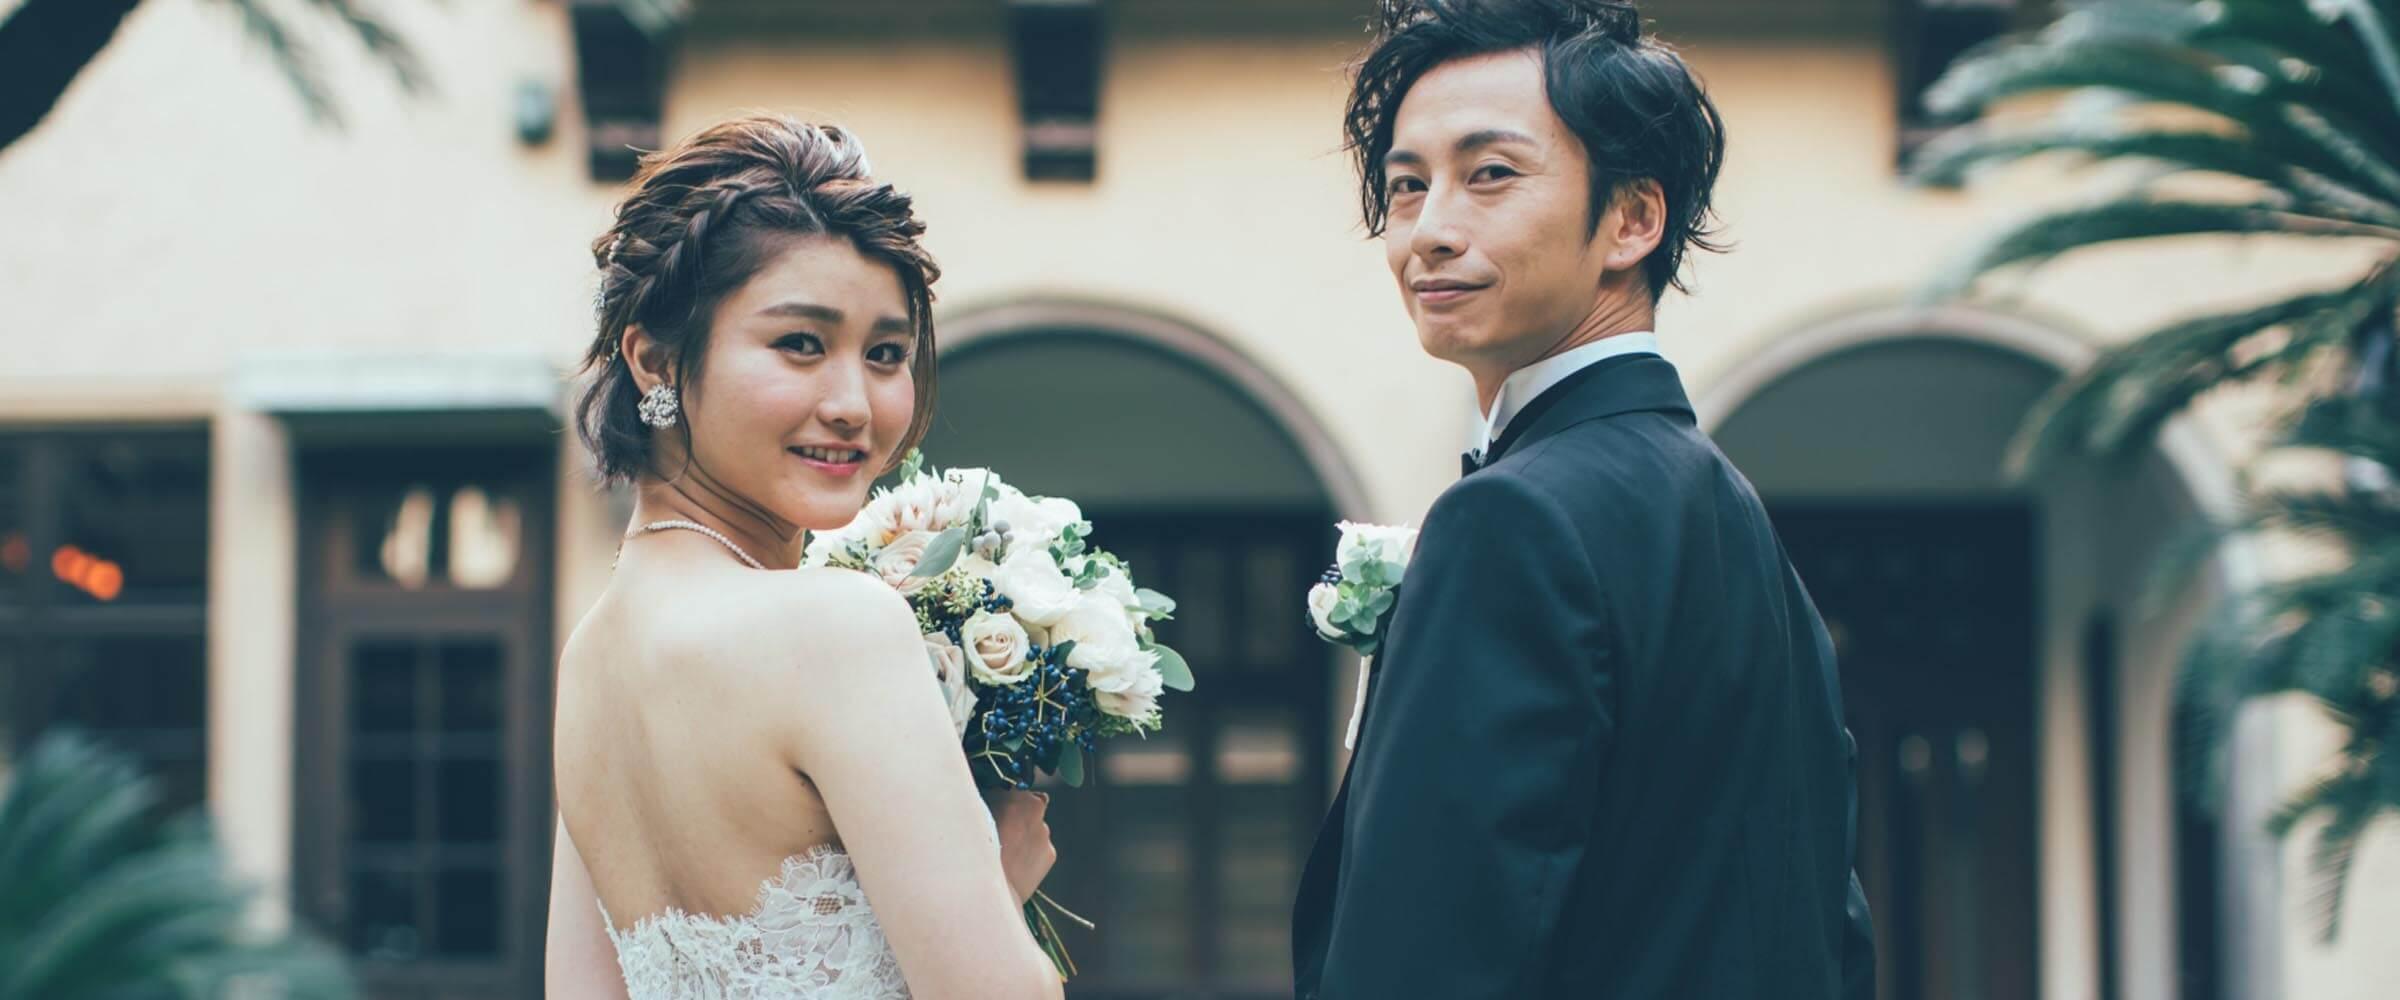 卒花嫁たちの結婚式ブログ集